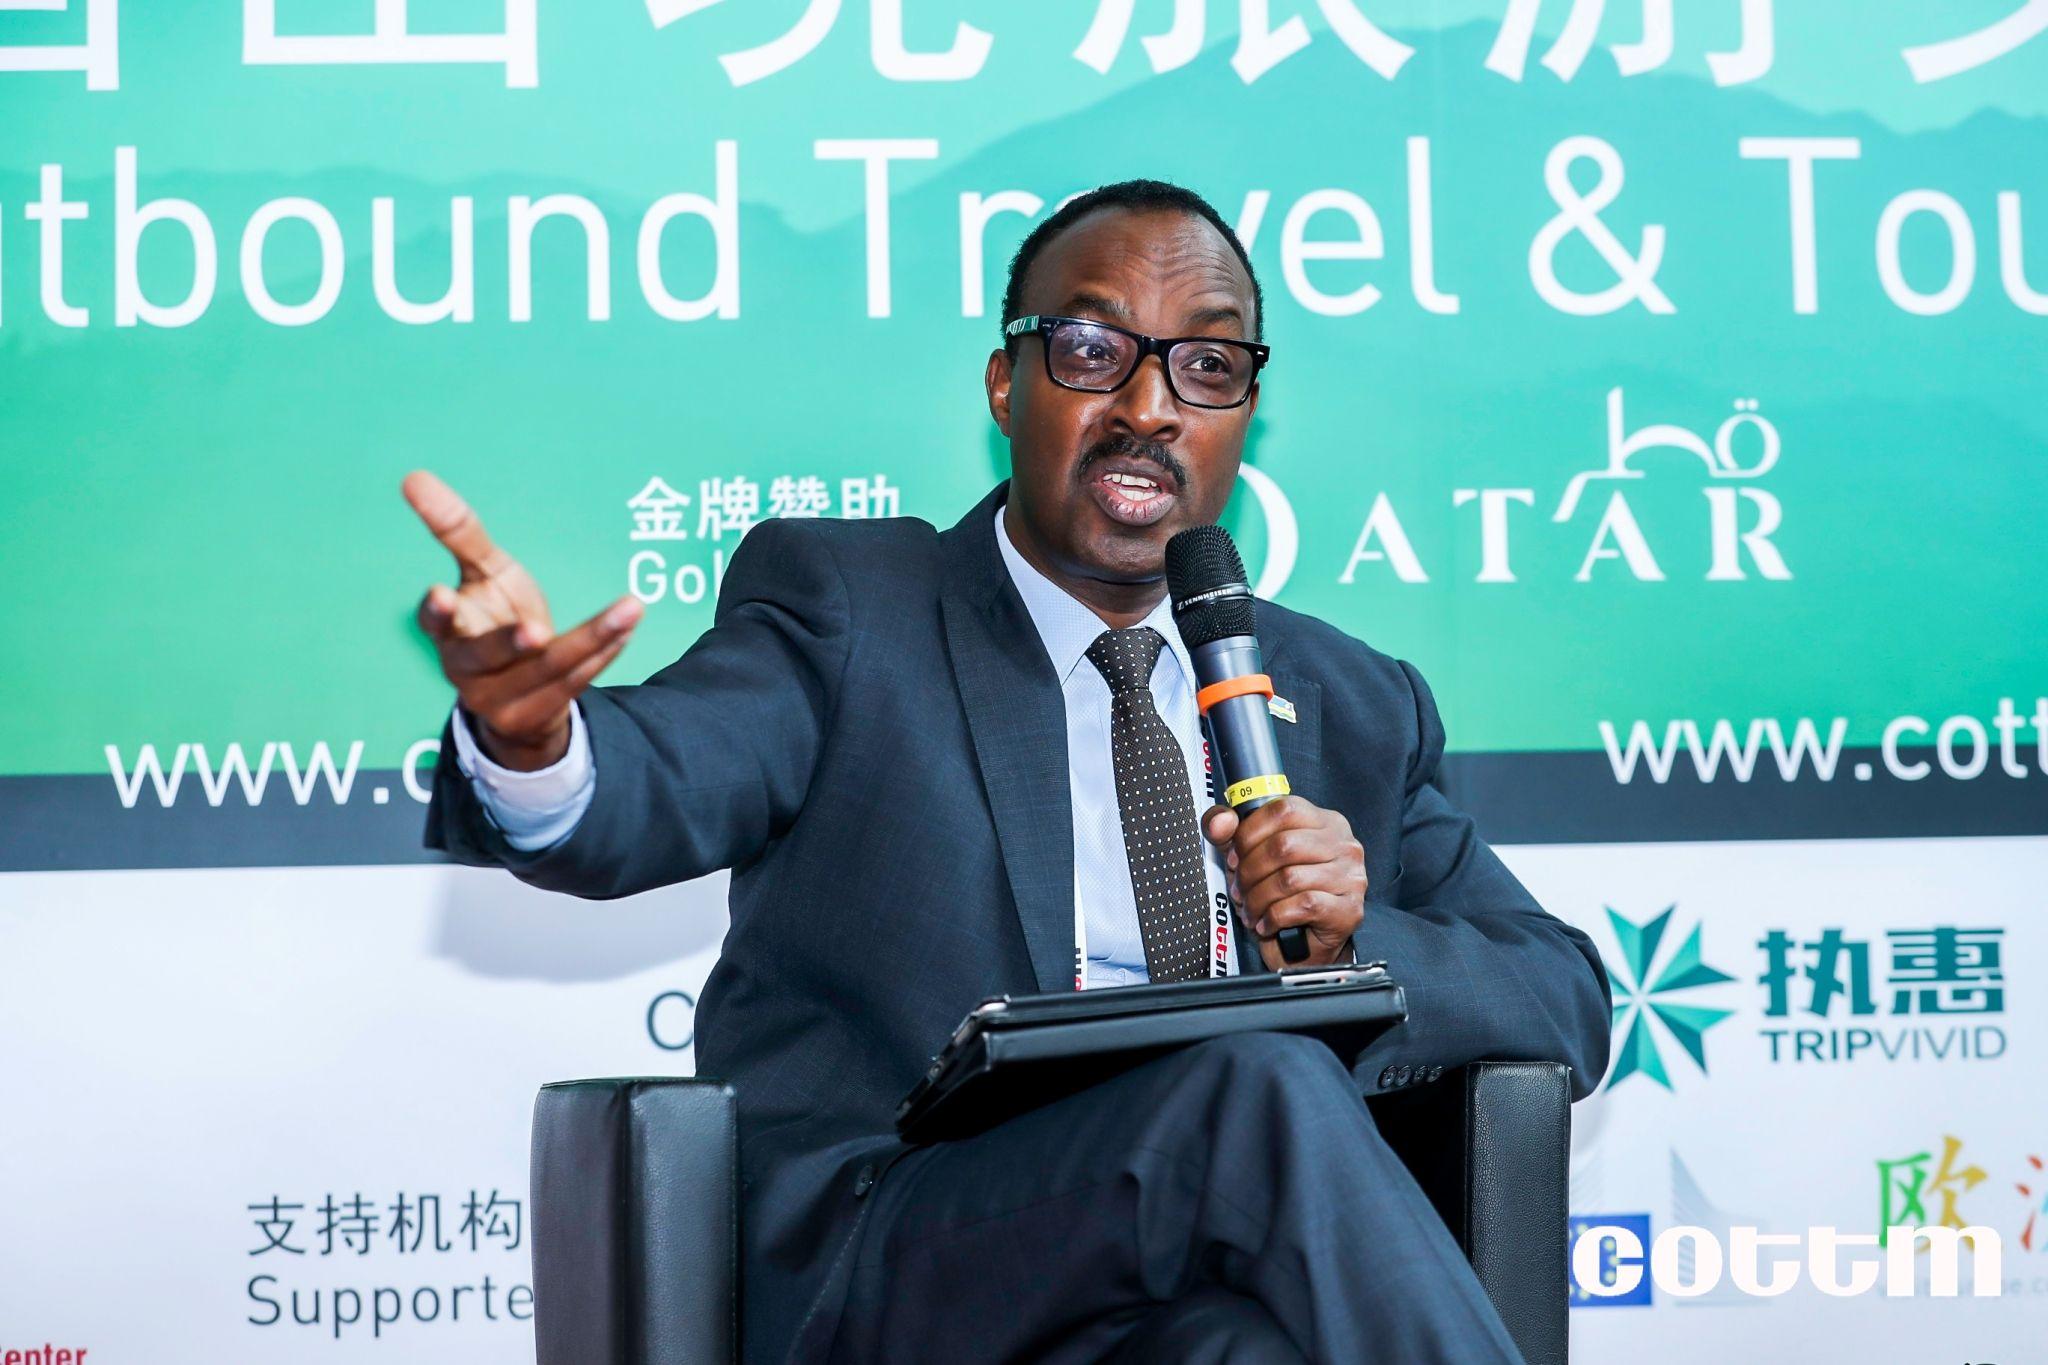 卢旺达大使馆驻华大使Mr. Charles Kayonga